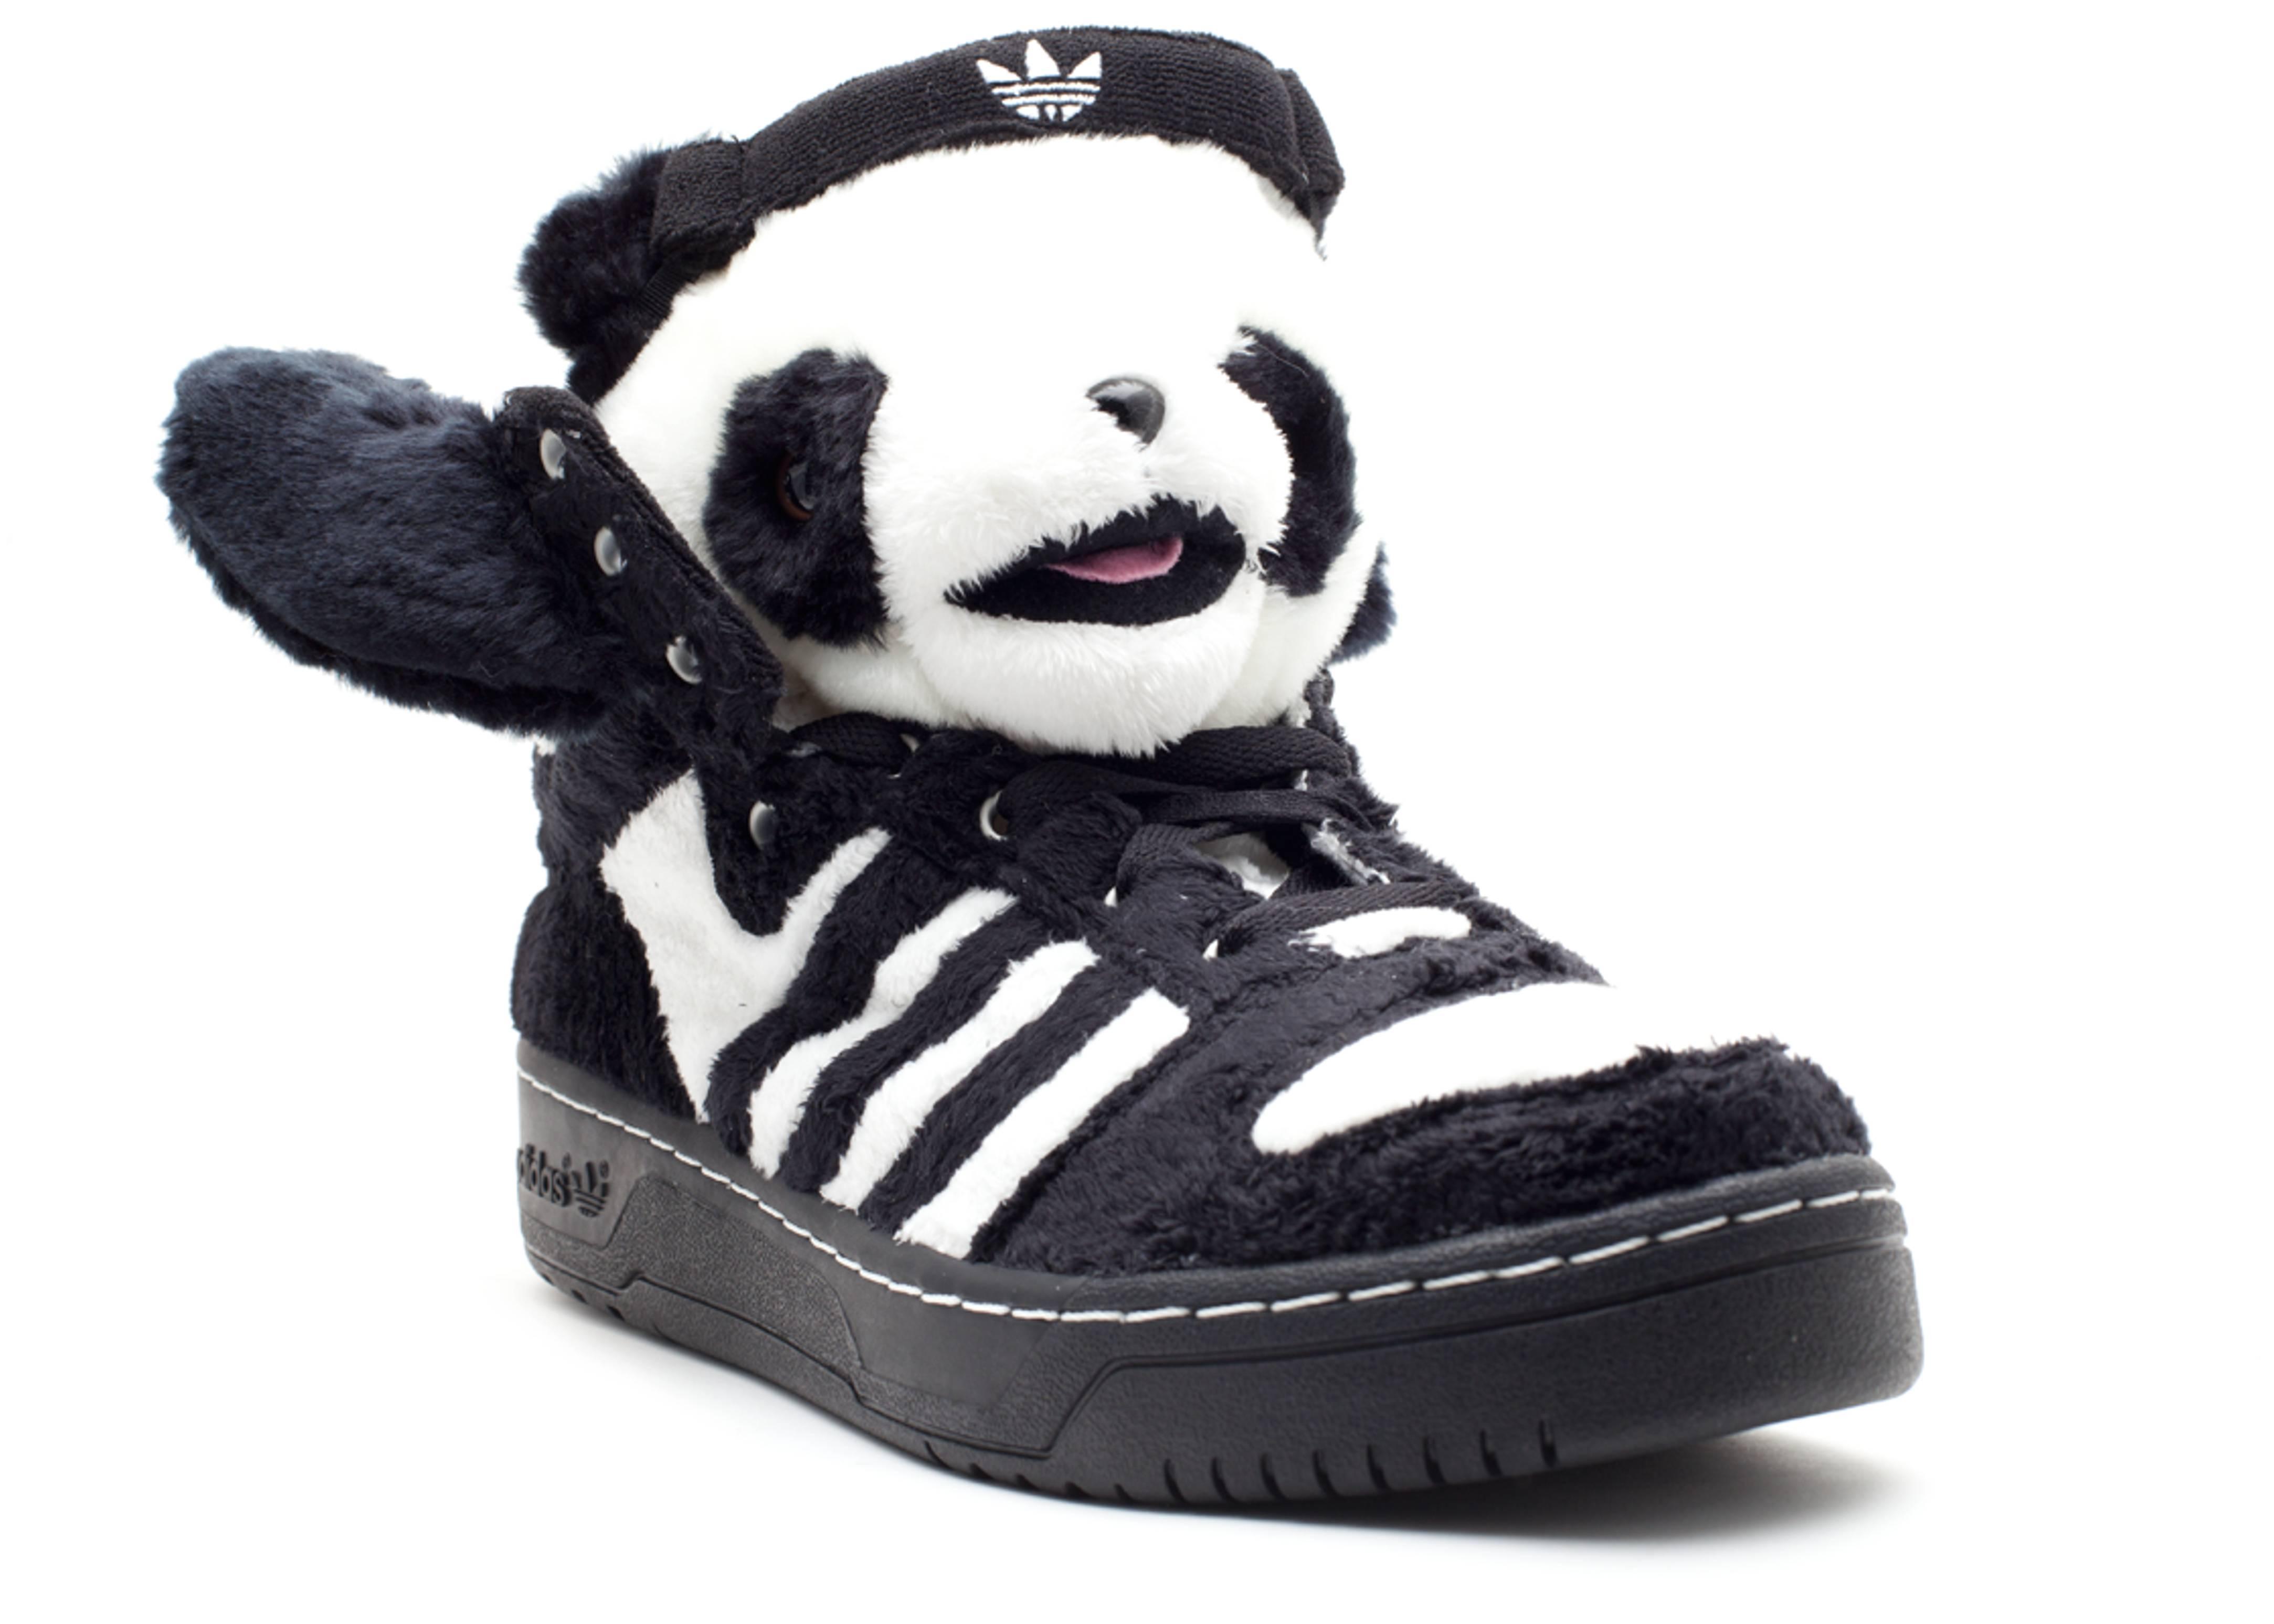 Adidas X Jeremy Scott Panda Shoes